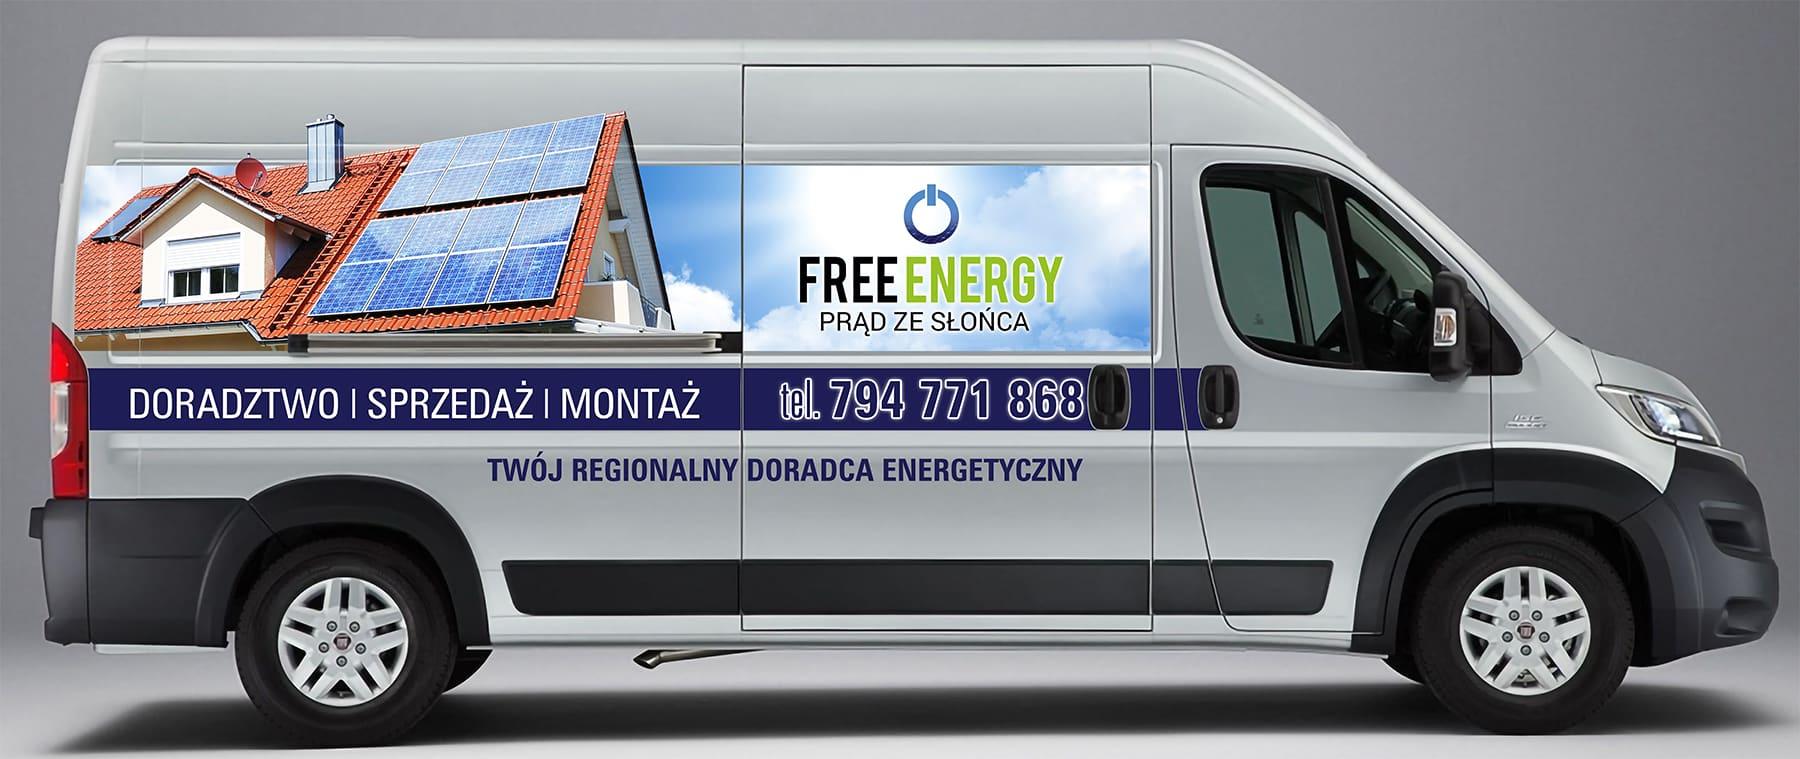 1582044629921 FreeEnergy SAMOCHÓD 02